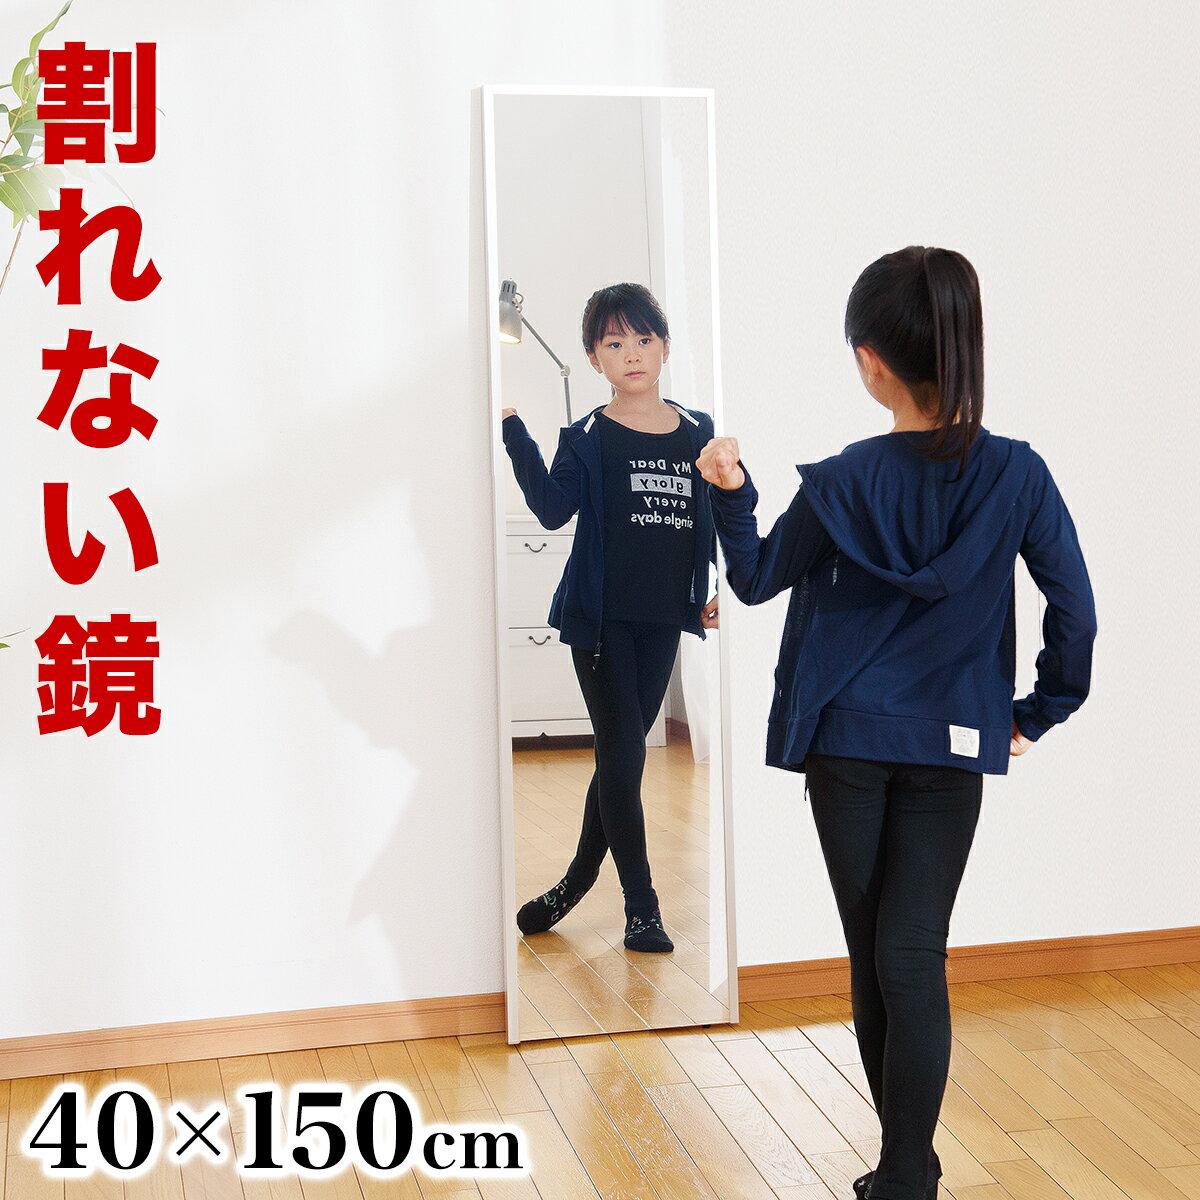 割れない鏡 40×150cm リフェクスミラー refex ミラー 幅40 高さ150 日本製 鏡 壁掛け 全身 おしゃれ 姿見 ミラー 国産 フィルム 軽量 薄い 軽い 薄型 安全 ロング スリム 大型 吊り式 幅40cm みだしなみ 玄関 RM-4